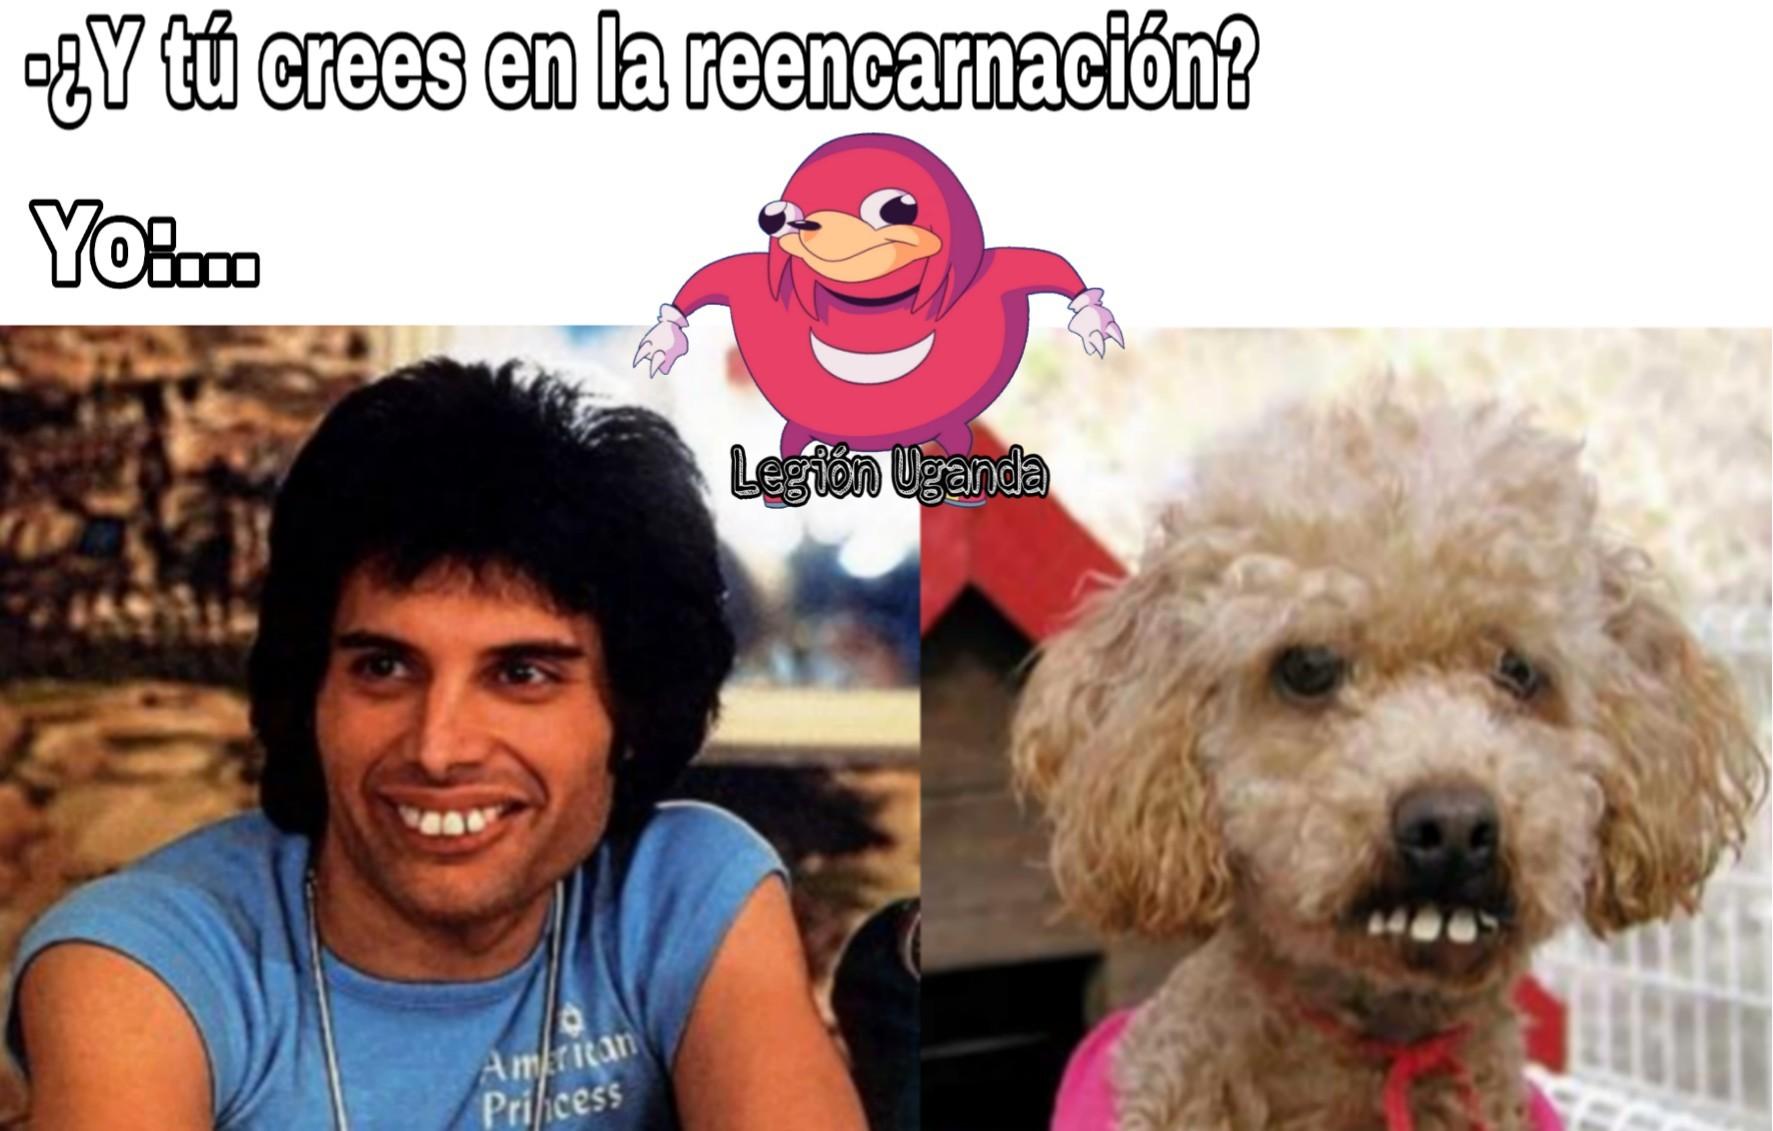 Freddie reencarnó en un perro... - meme